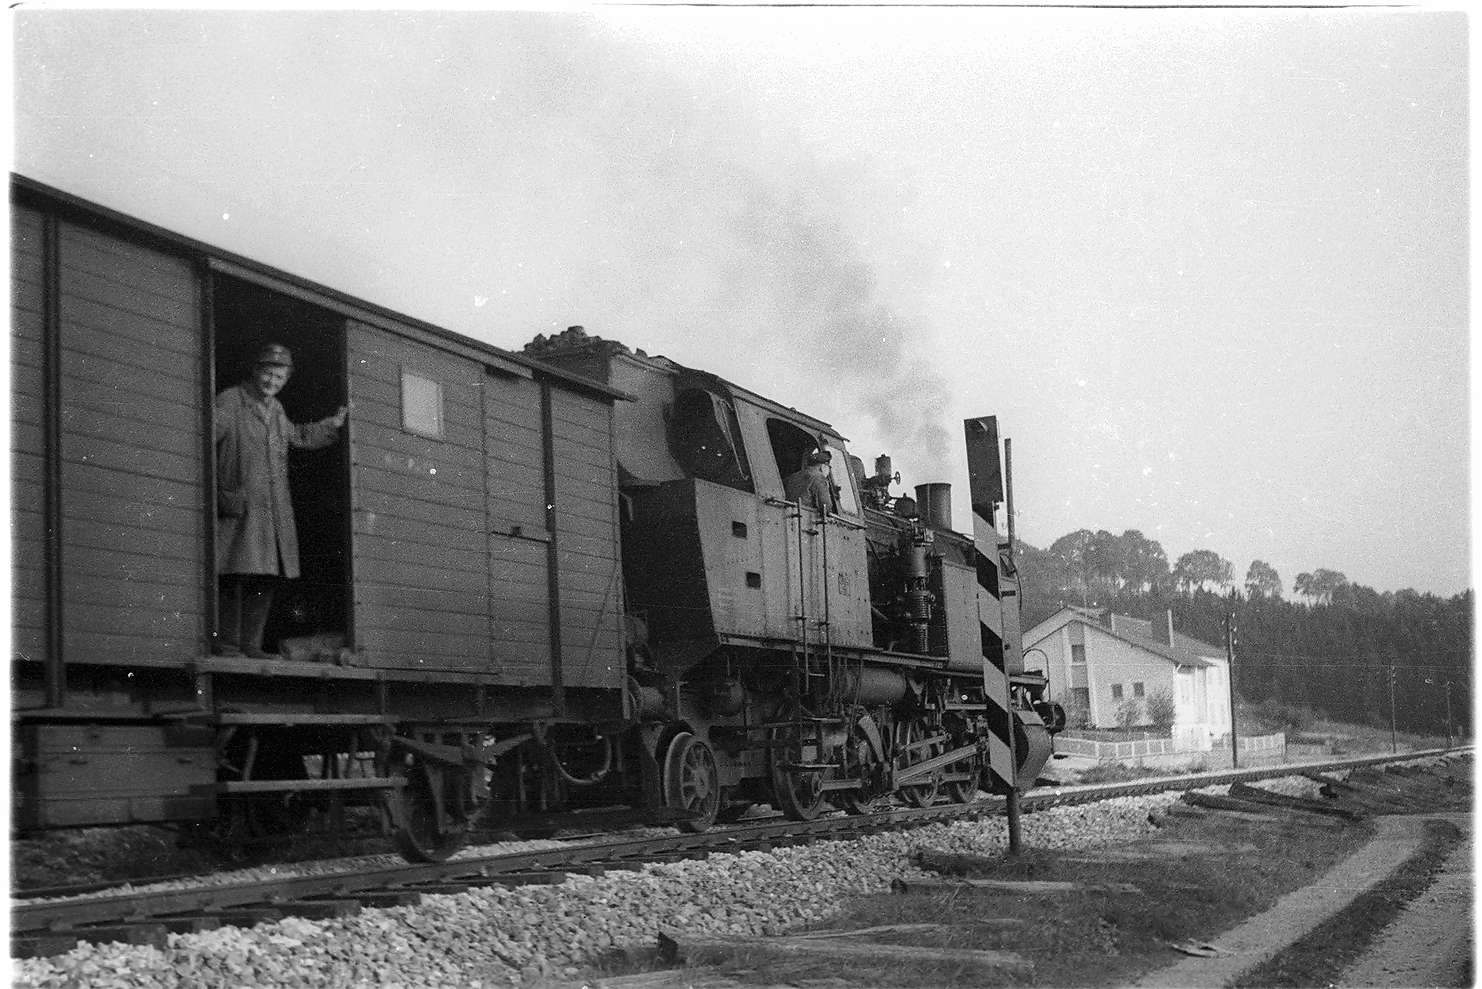 Gammertingen, Dampflok 15 mit Zugführer Leonhard Stauß (geboren 1923), noch im grauen Arbeitsmantel, Bild 1